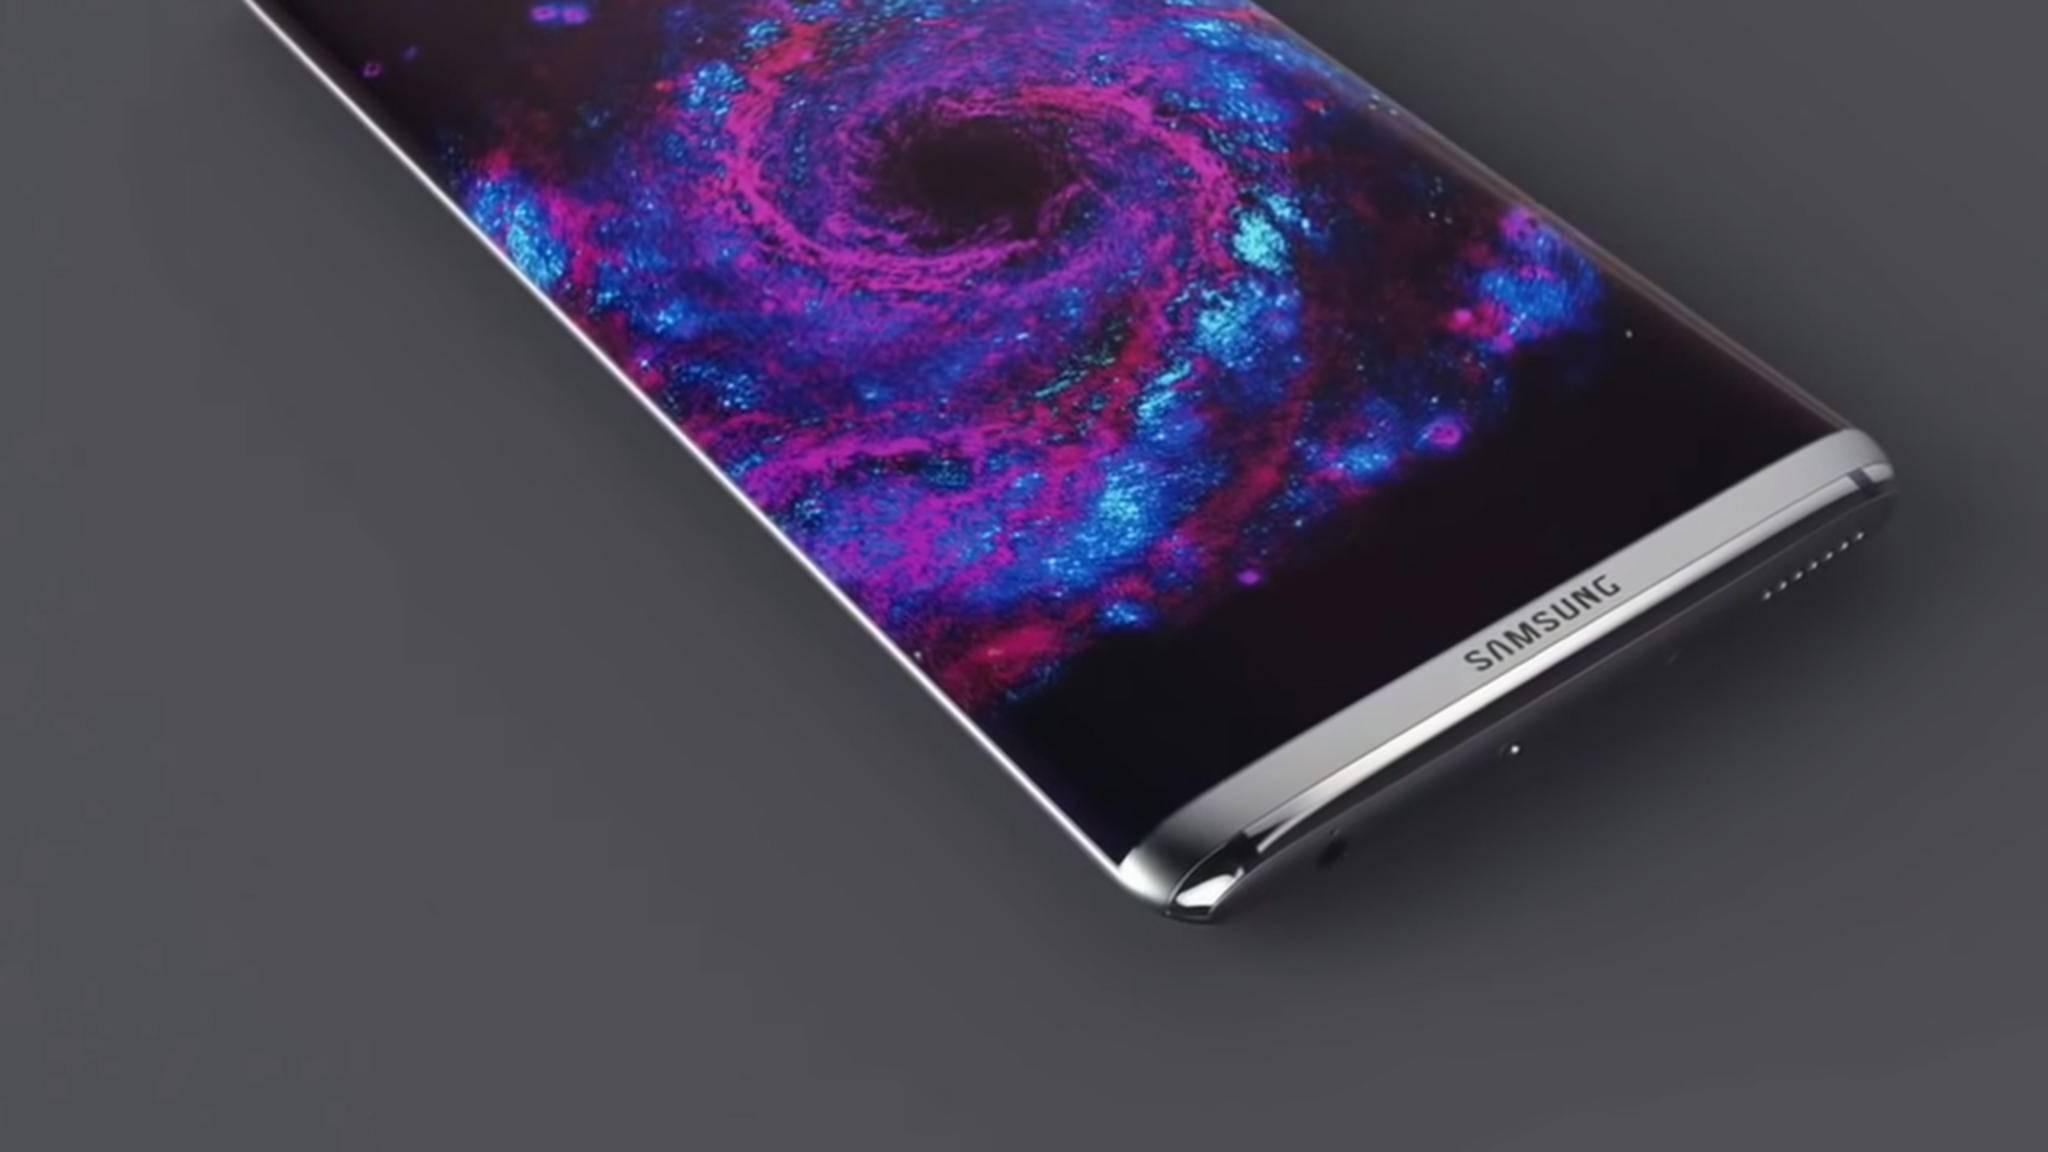 Ein 4K-Display soll das Virtual-Reality-Erlebnis mit dem Galaxy S8 deutlich verbessern.